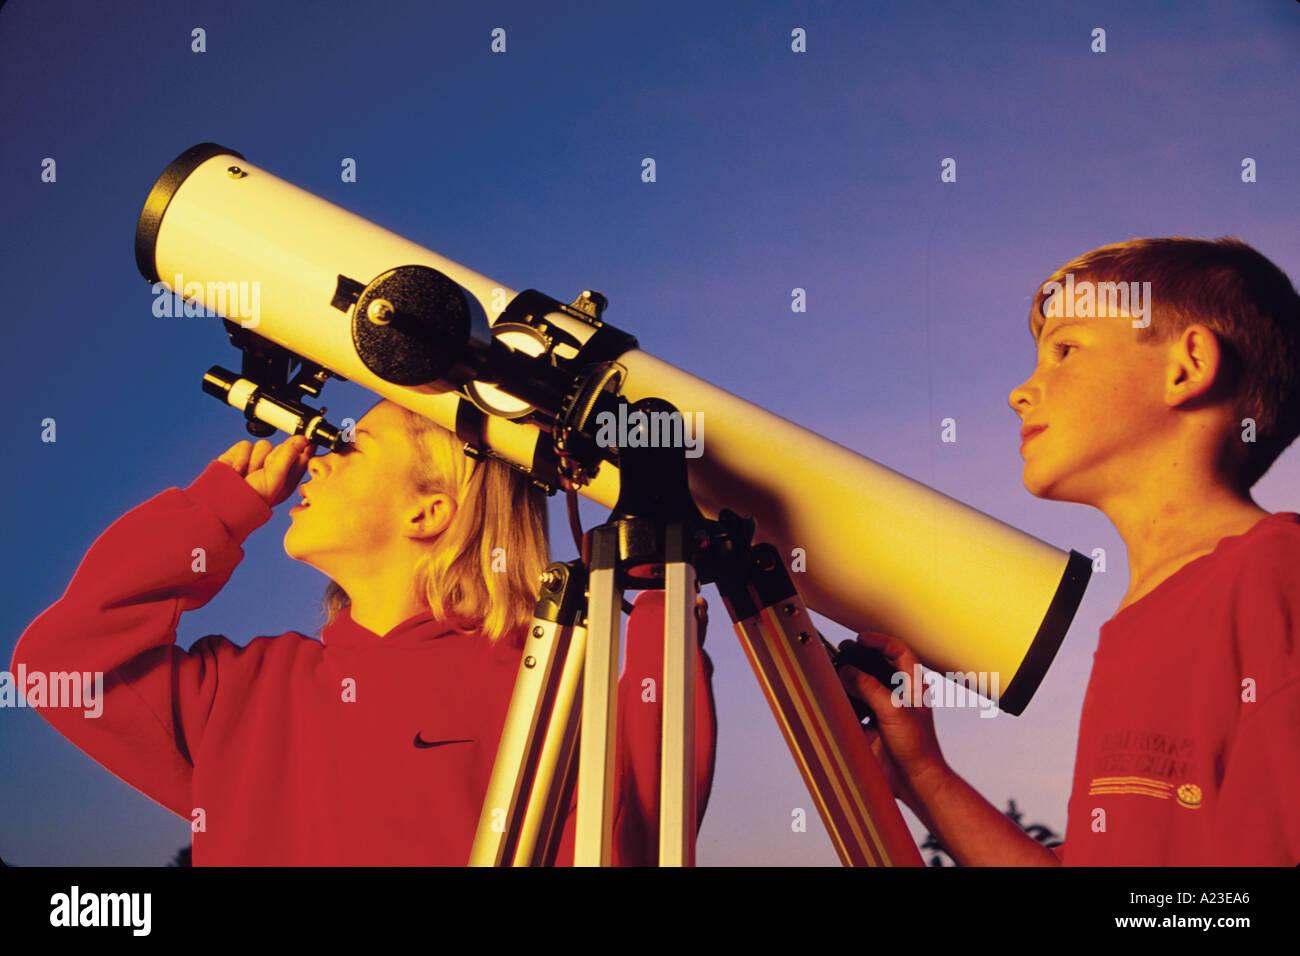 Dieci anni e fratello di undici anni suor osservare le stelle attraverso il telescopio di Santa Barbara in California Immagini Stock